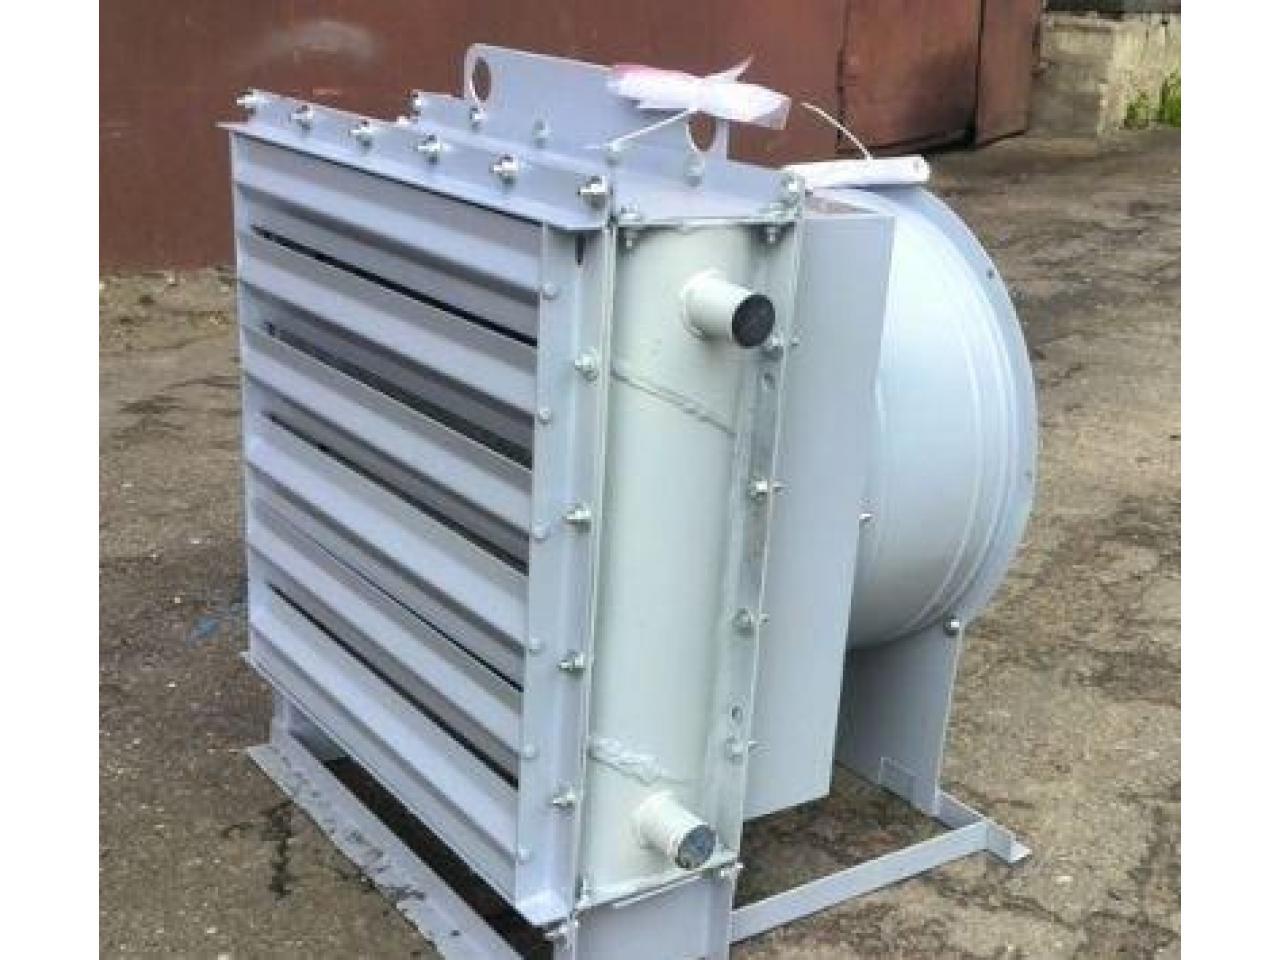 Агрегаты воздушно-отопительные в россии - узнать цены, купить оптом, заказать